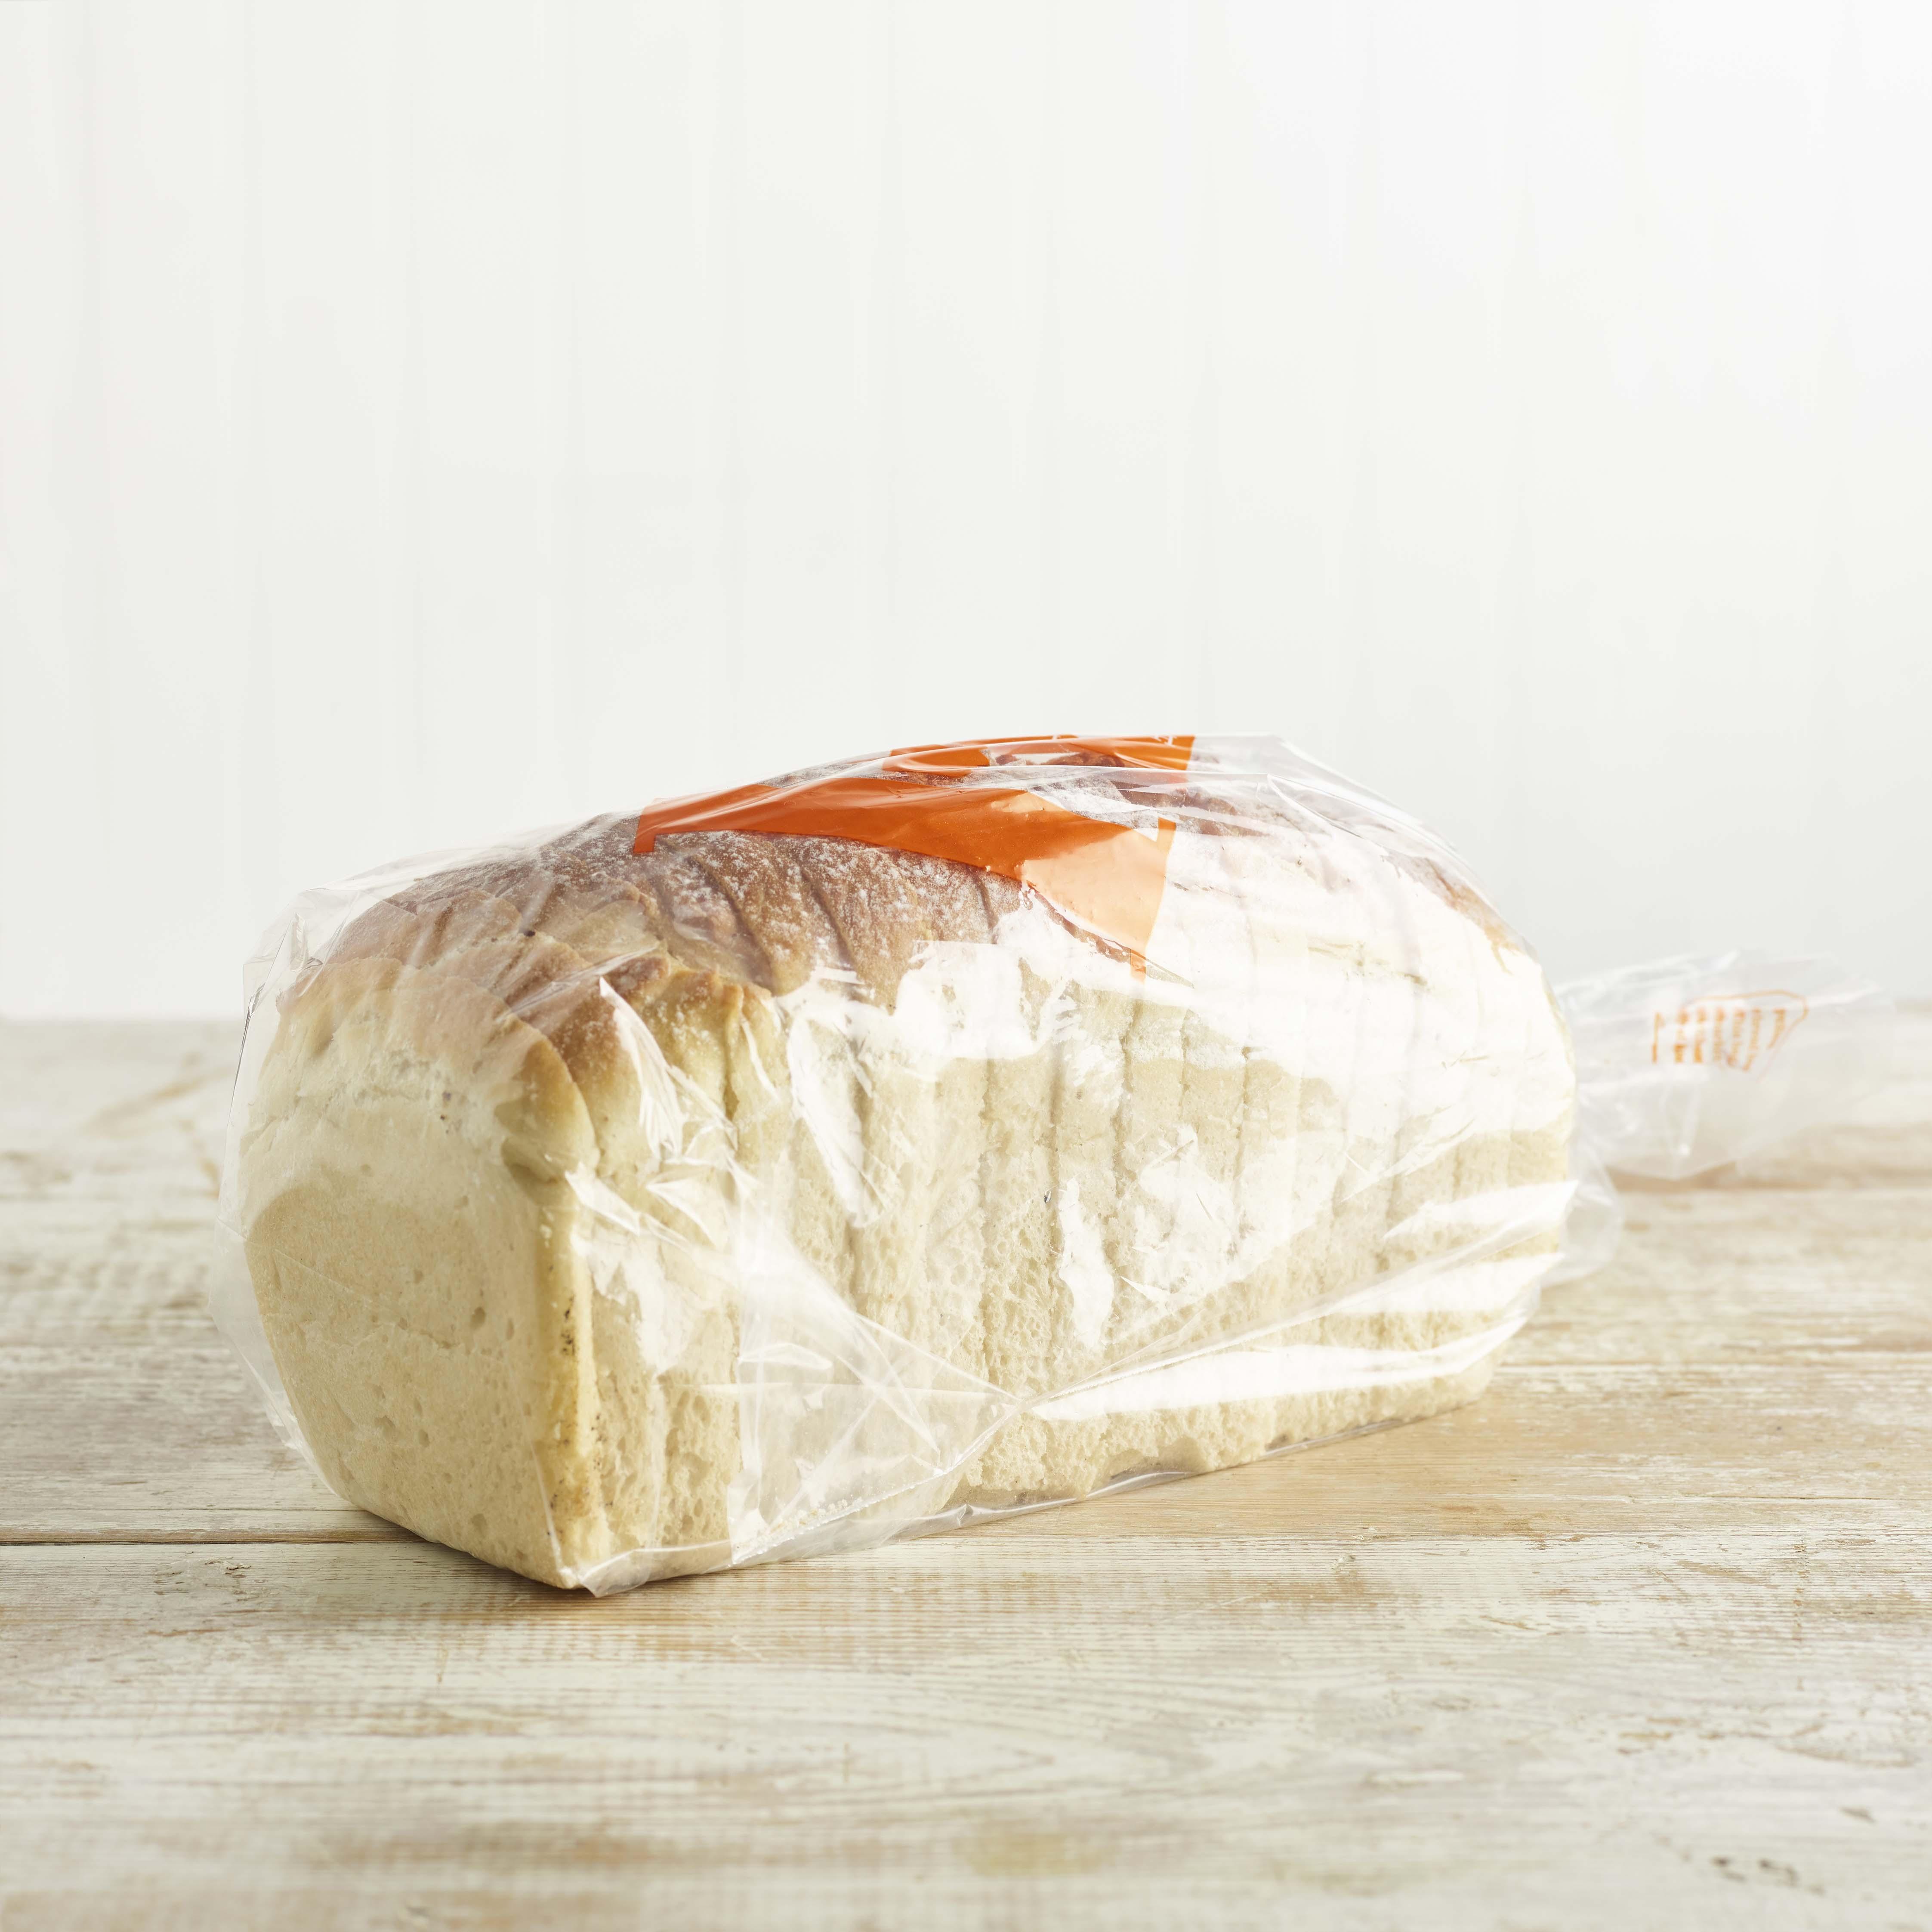 Hobbs House Bakery Organic White Loaf, 800g